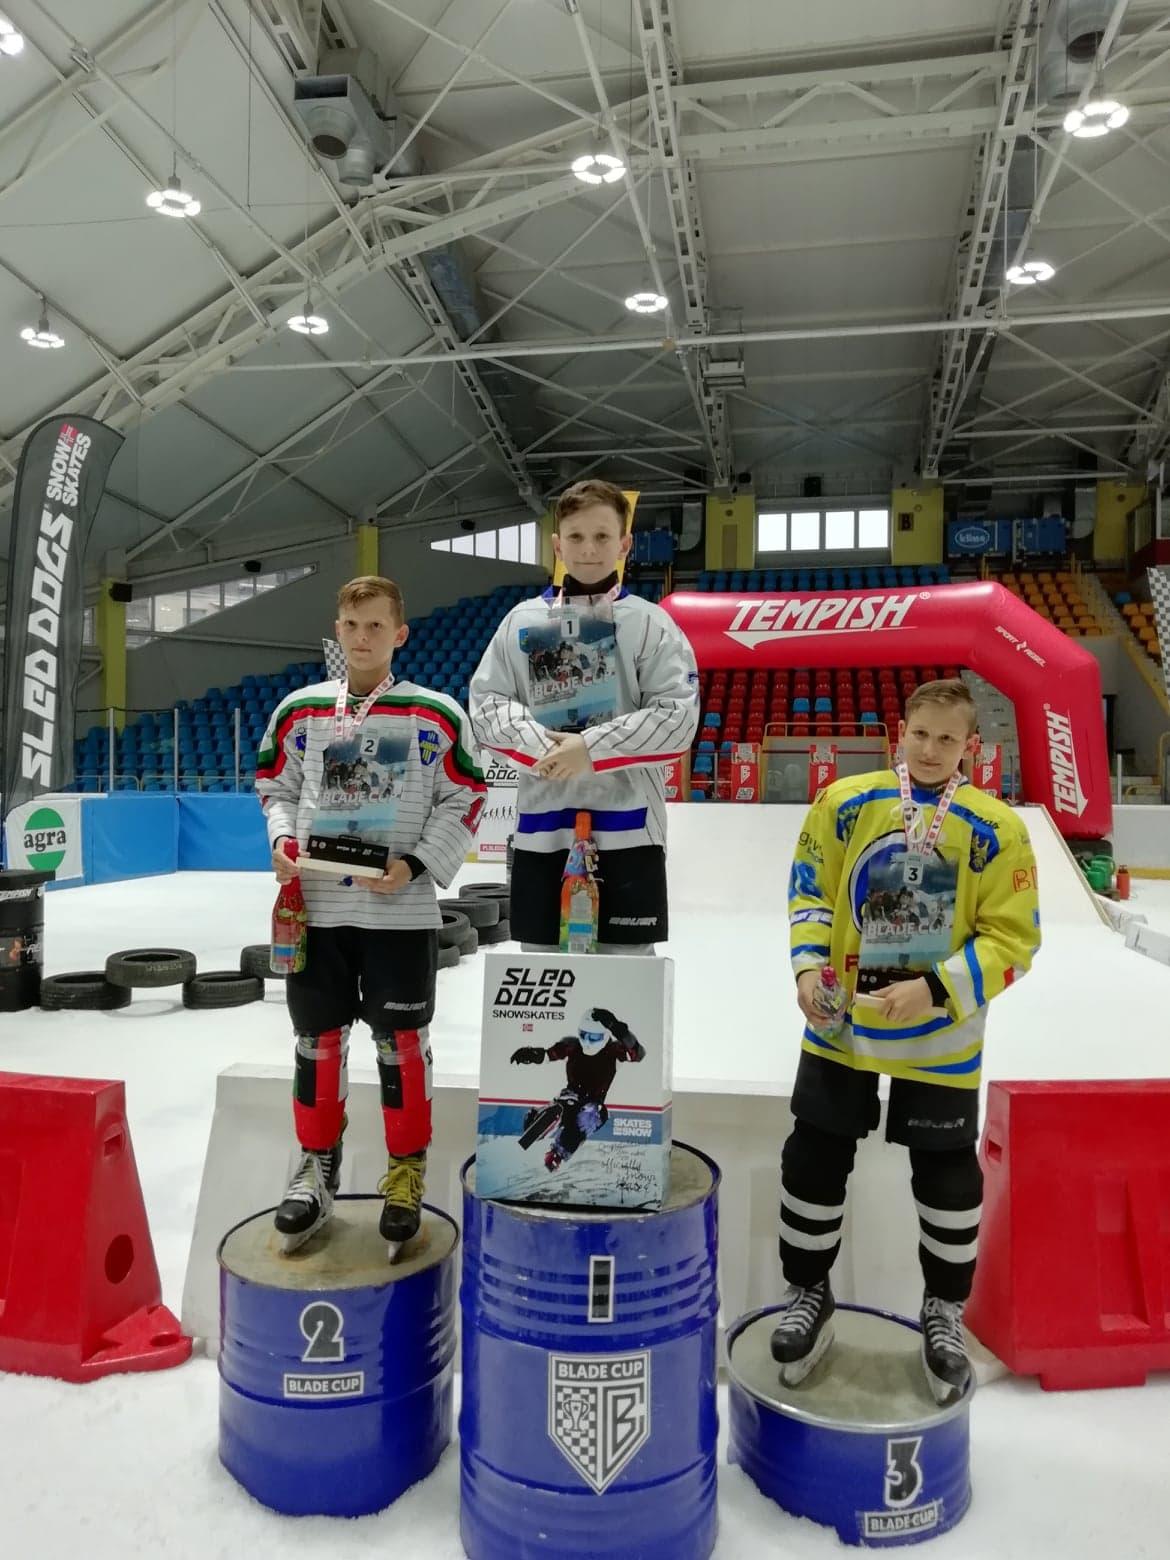 """Adrian Ziober z UKH Unii wygrał zawody z serii """"Blade Cup XL 2019"""" w kategorii QUICK. Fot. nadesłane/zbiory UKH Unii"""